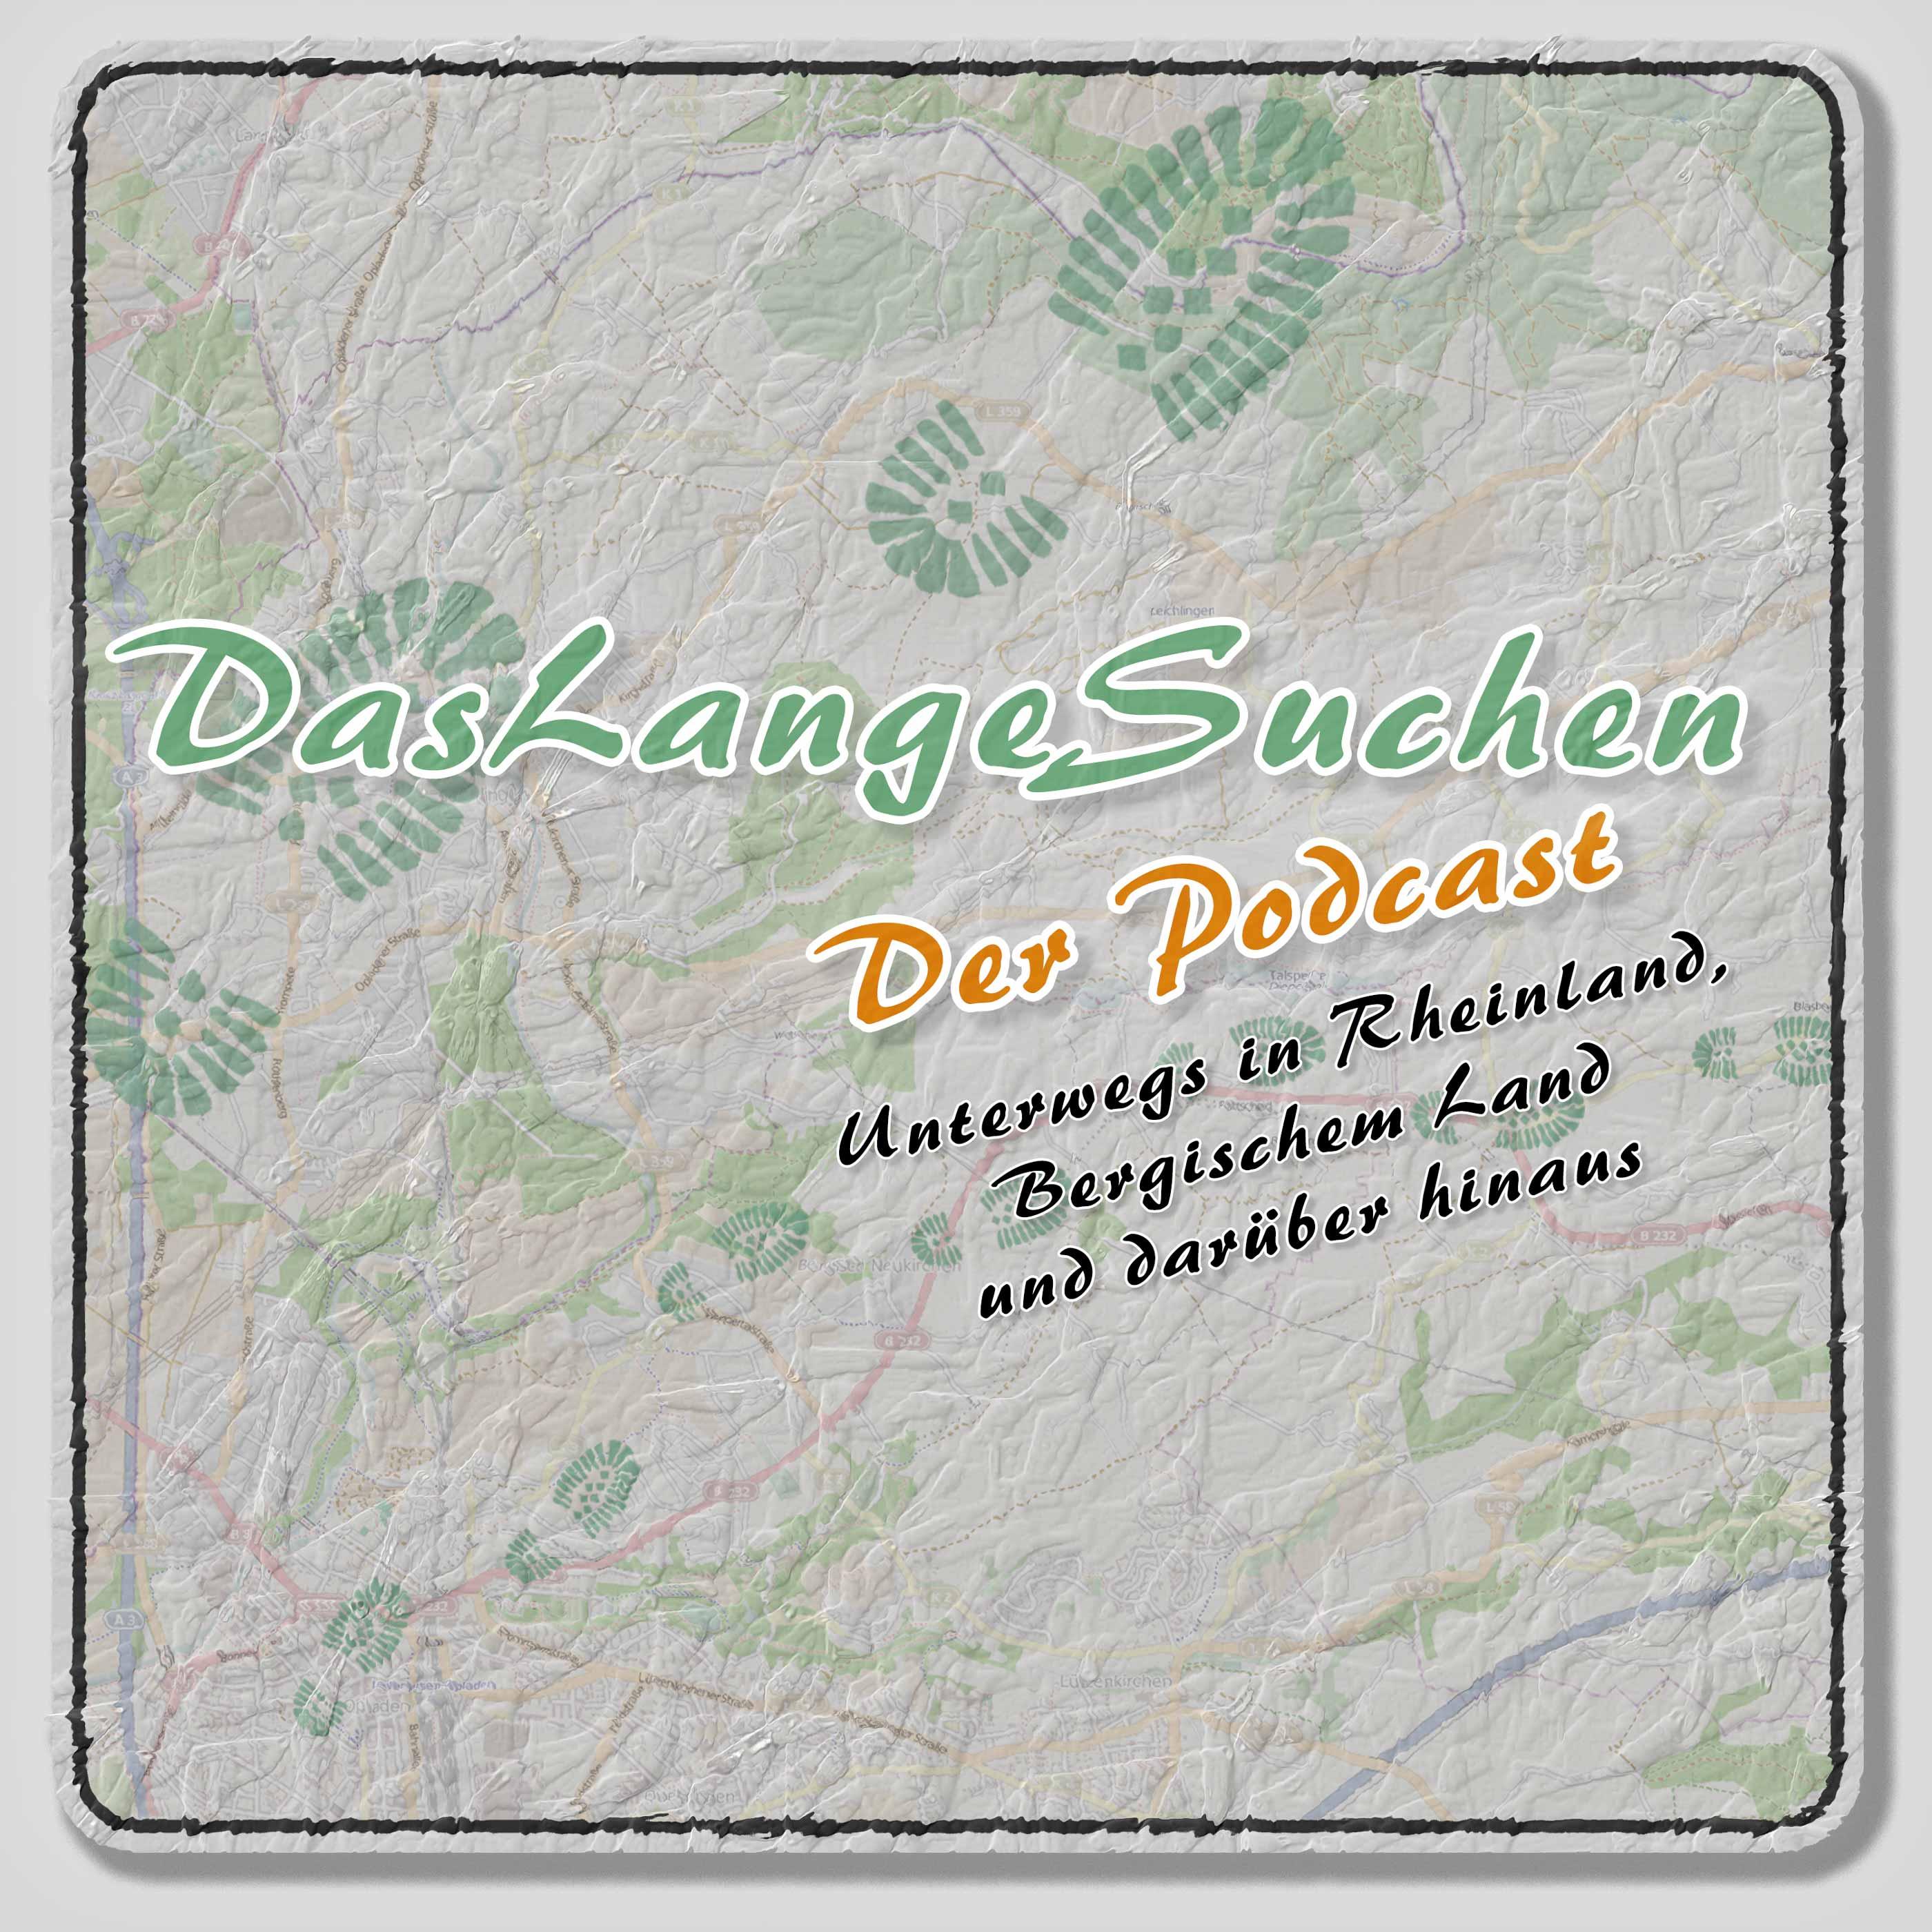 DasLangeSuchen - Podcast